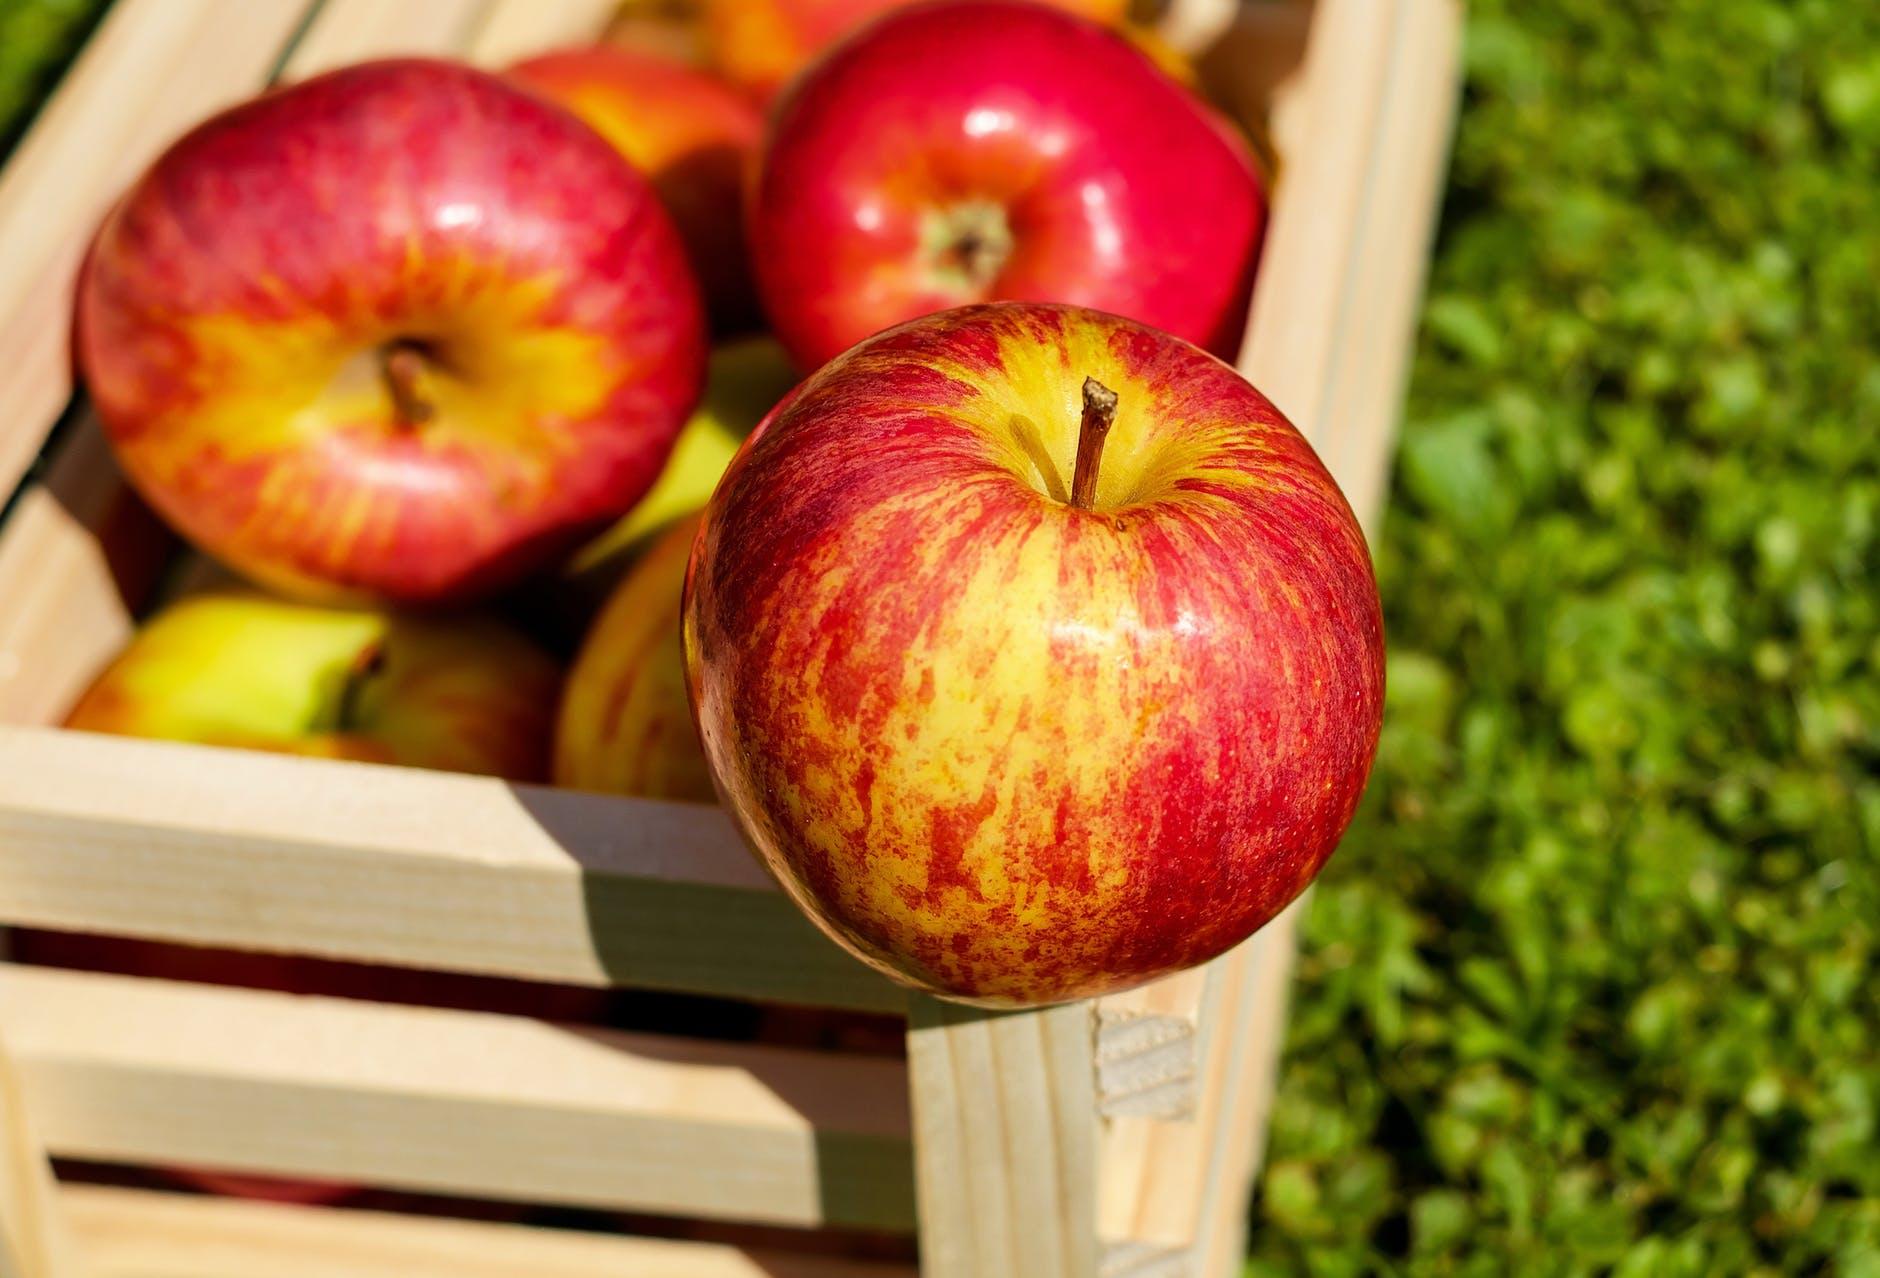 Ellijay Apple Festival - October 13-14 & 20-21